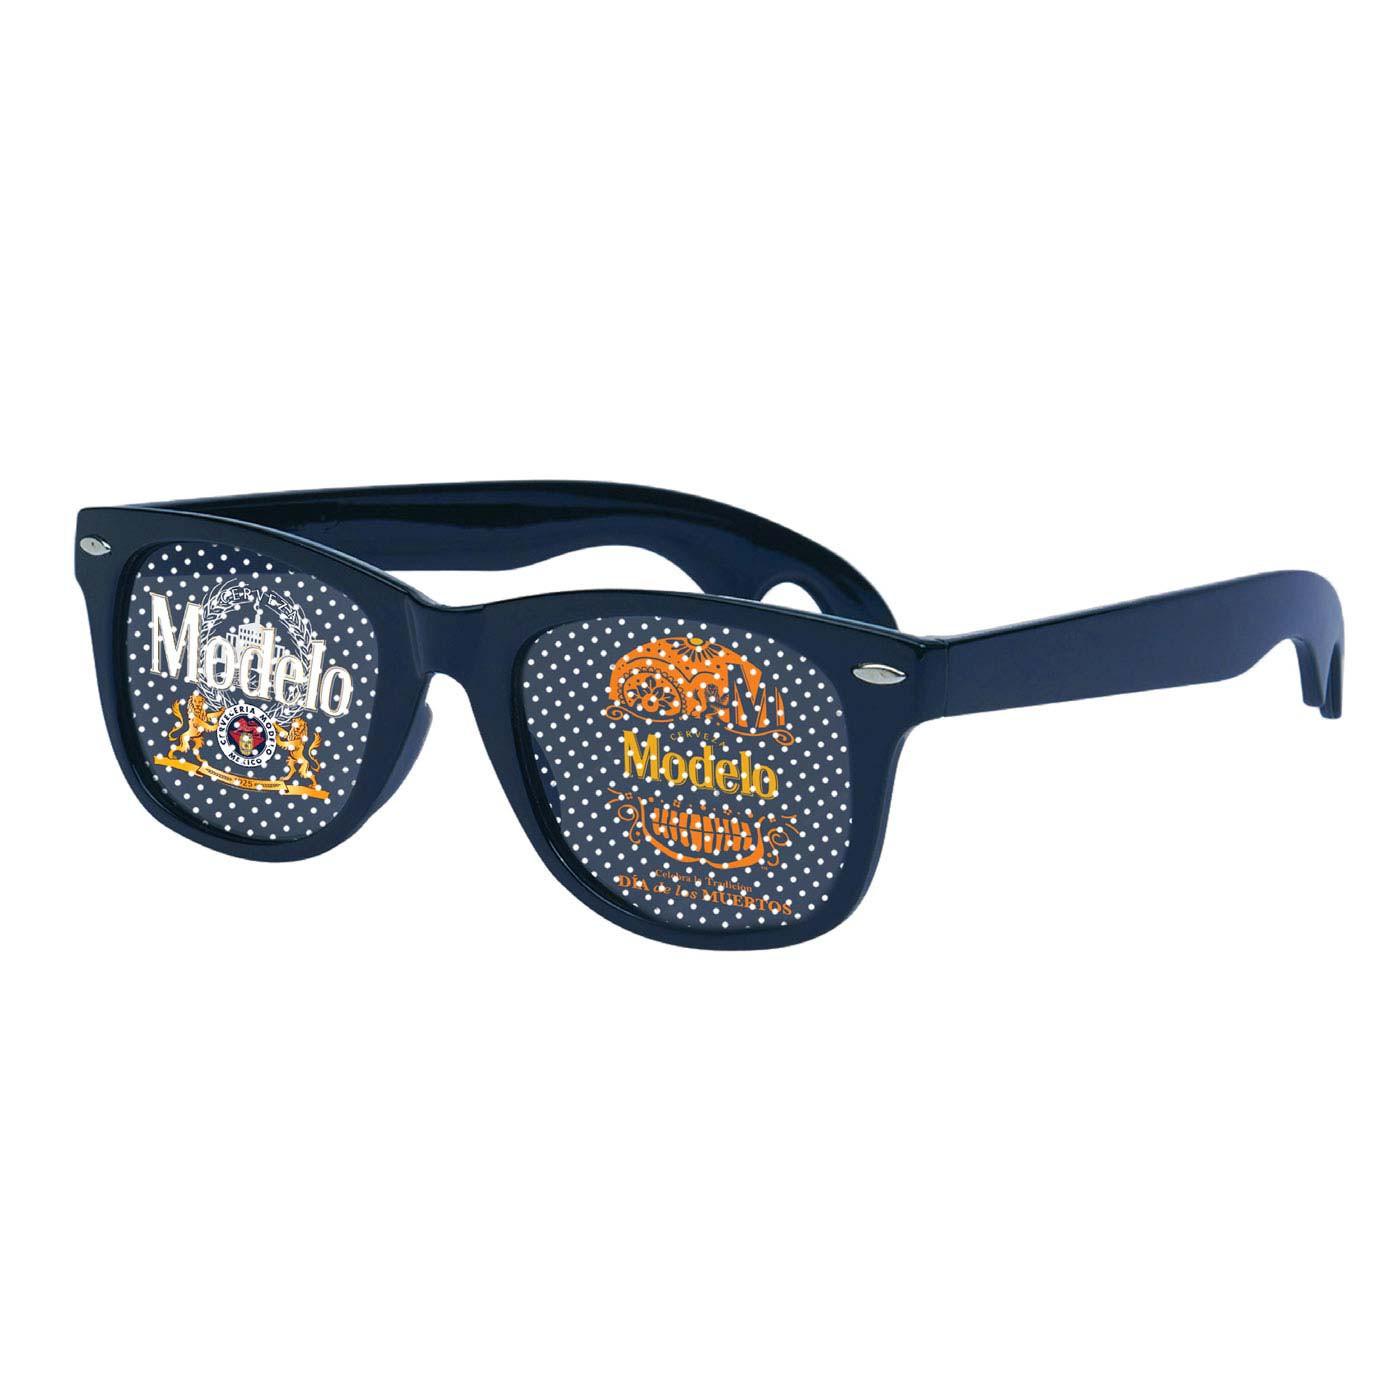 Modelo Dia de los Muertos Navy Blue Dot Lens Sunglasses